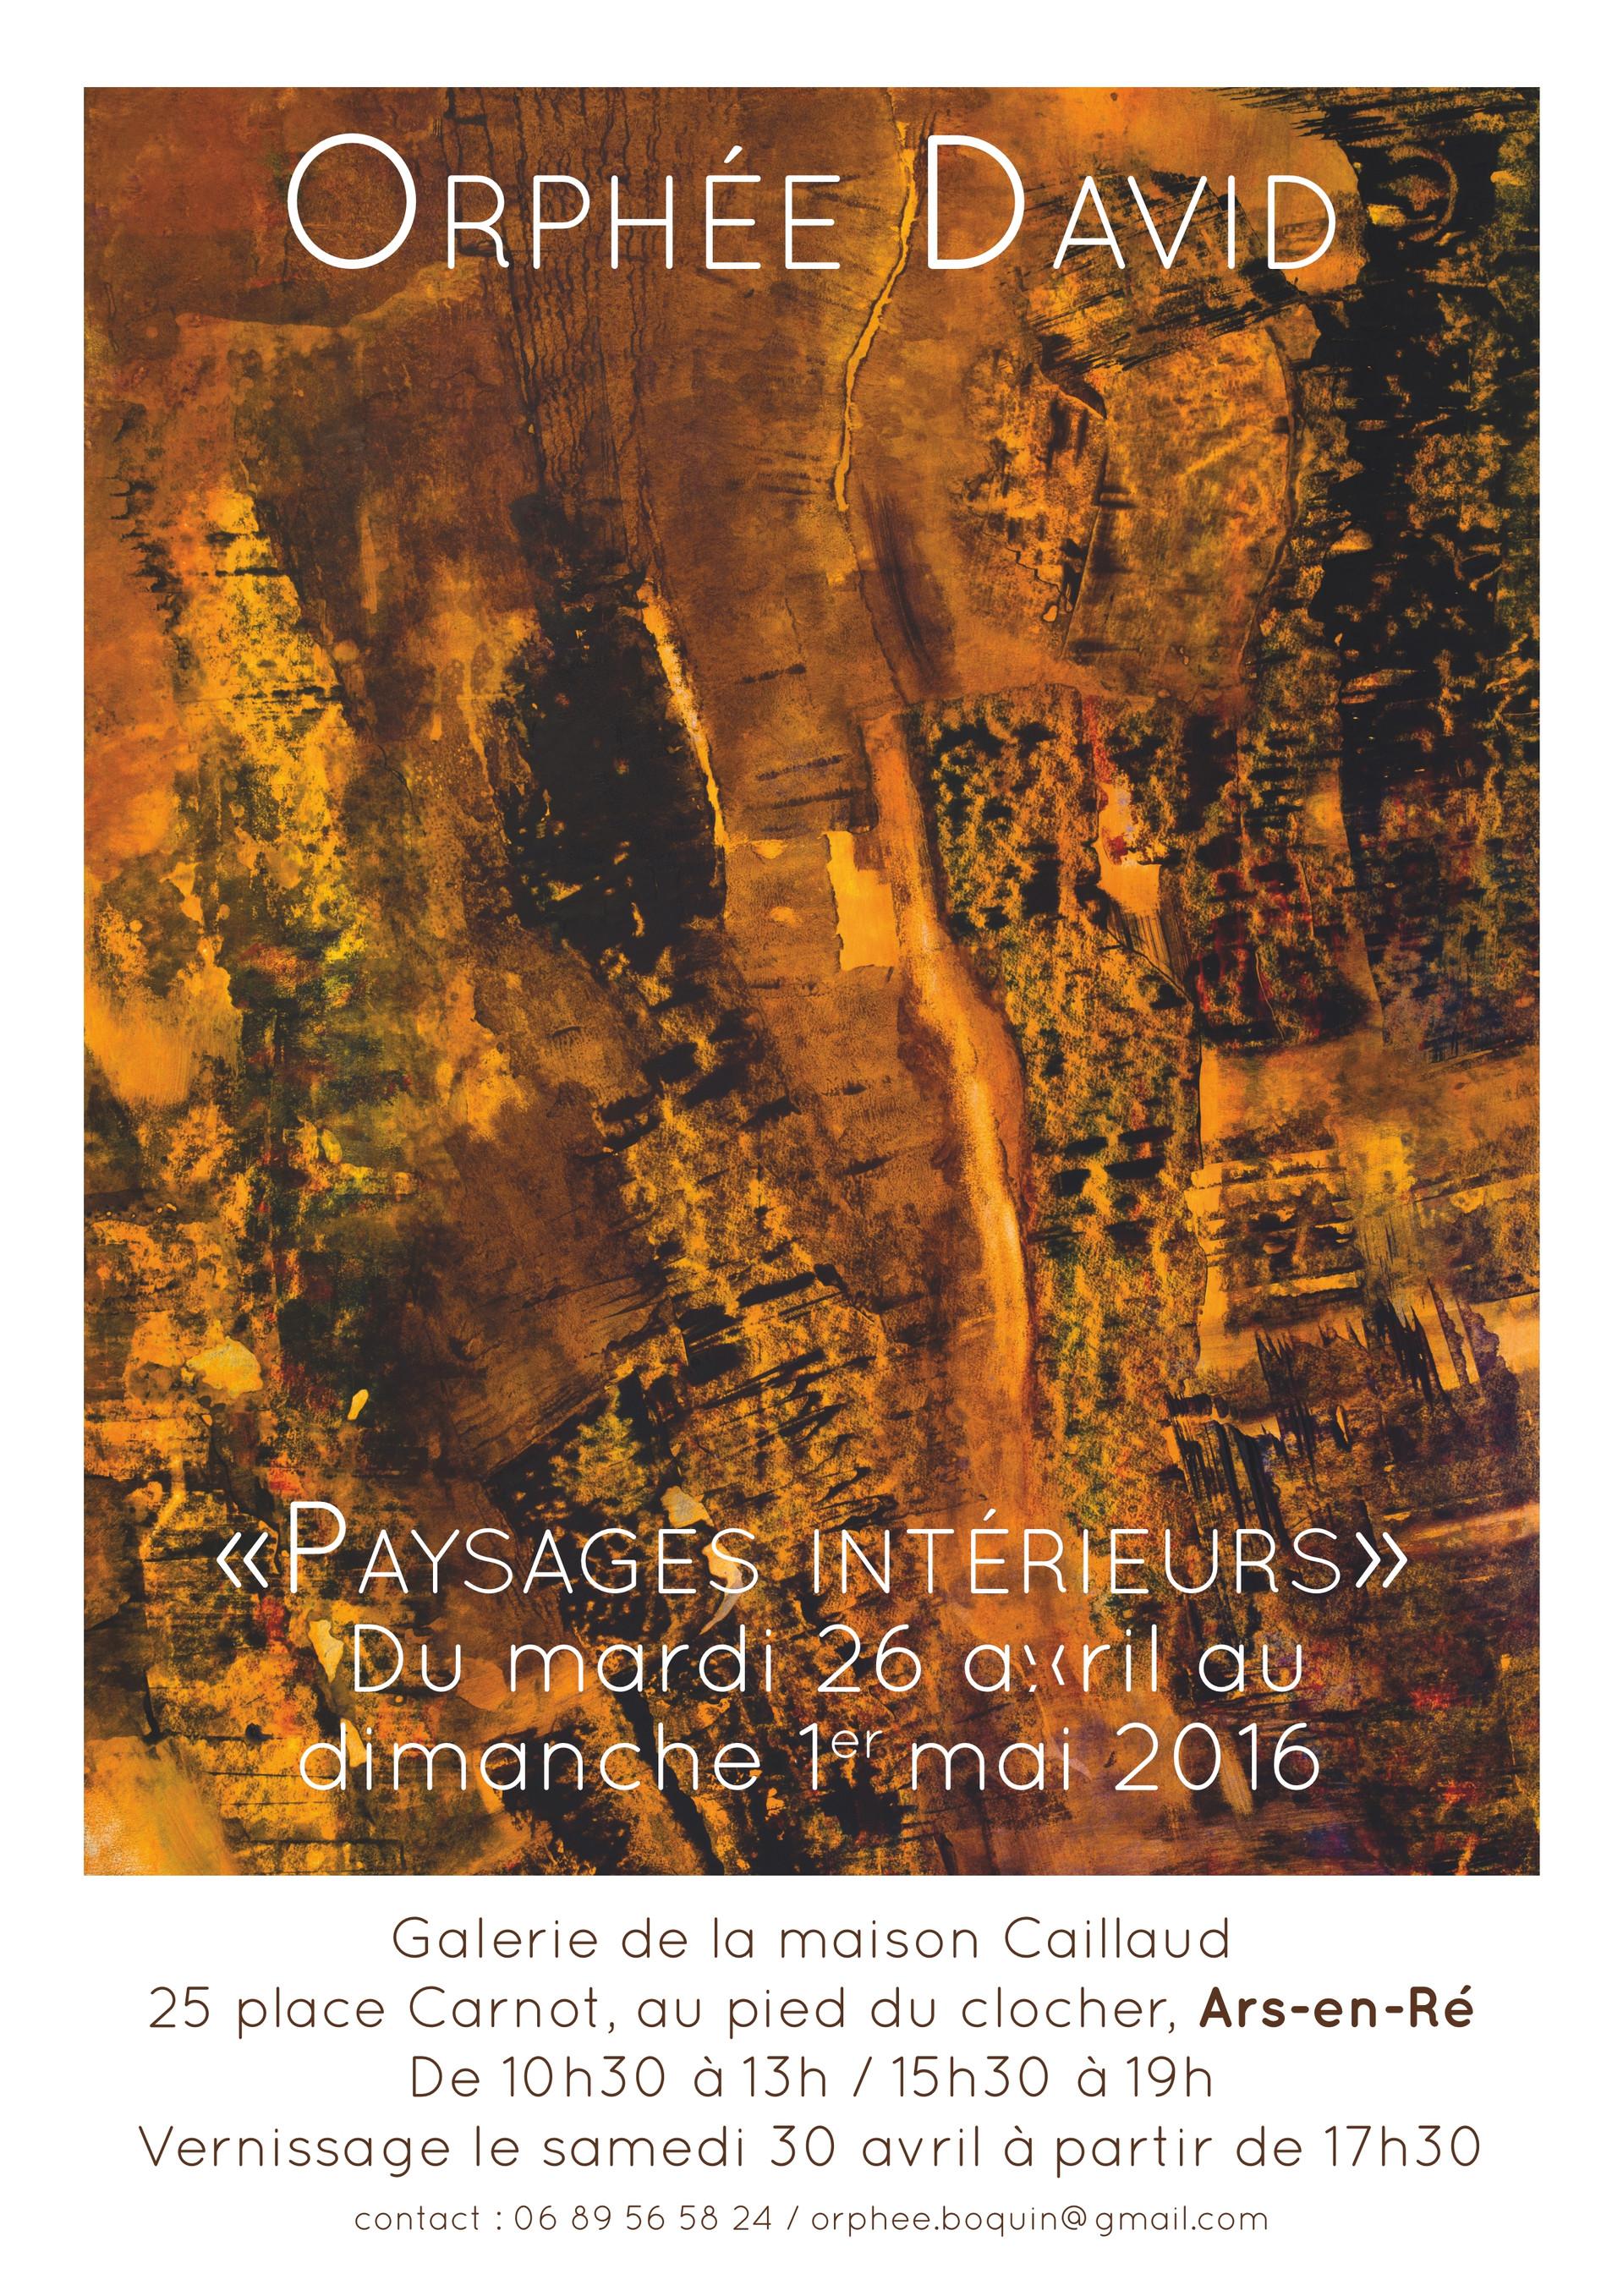 Affiche exposition ILe de Ré, Ars en ré, Orphée david boquin